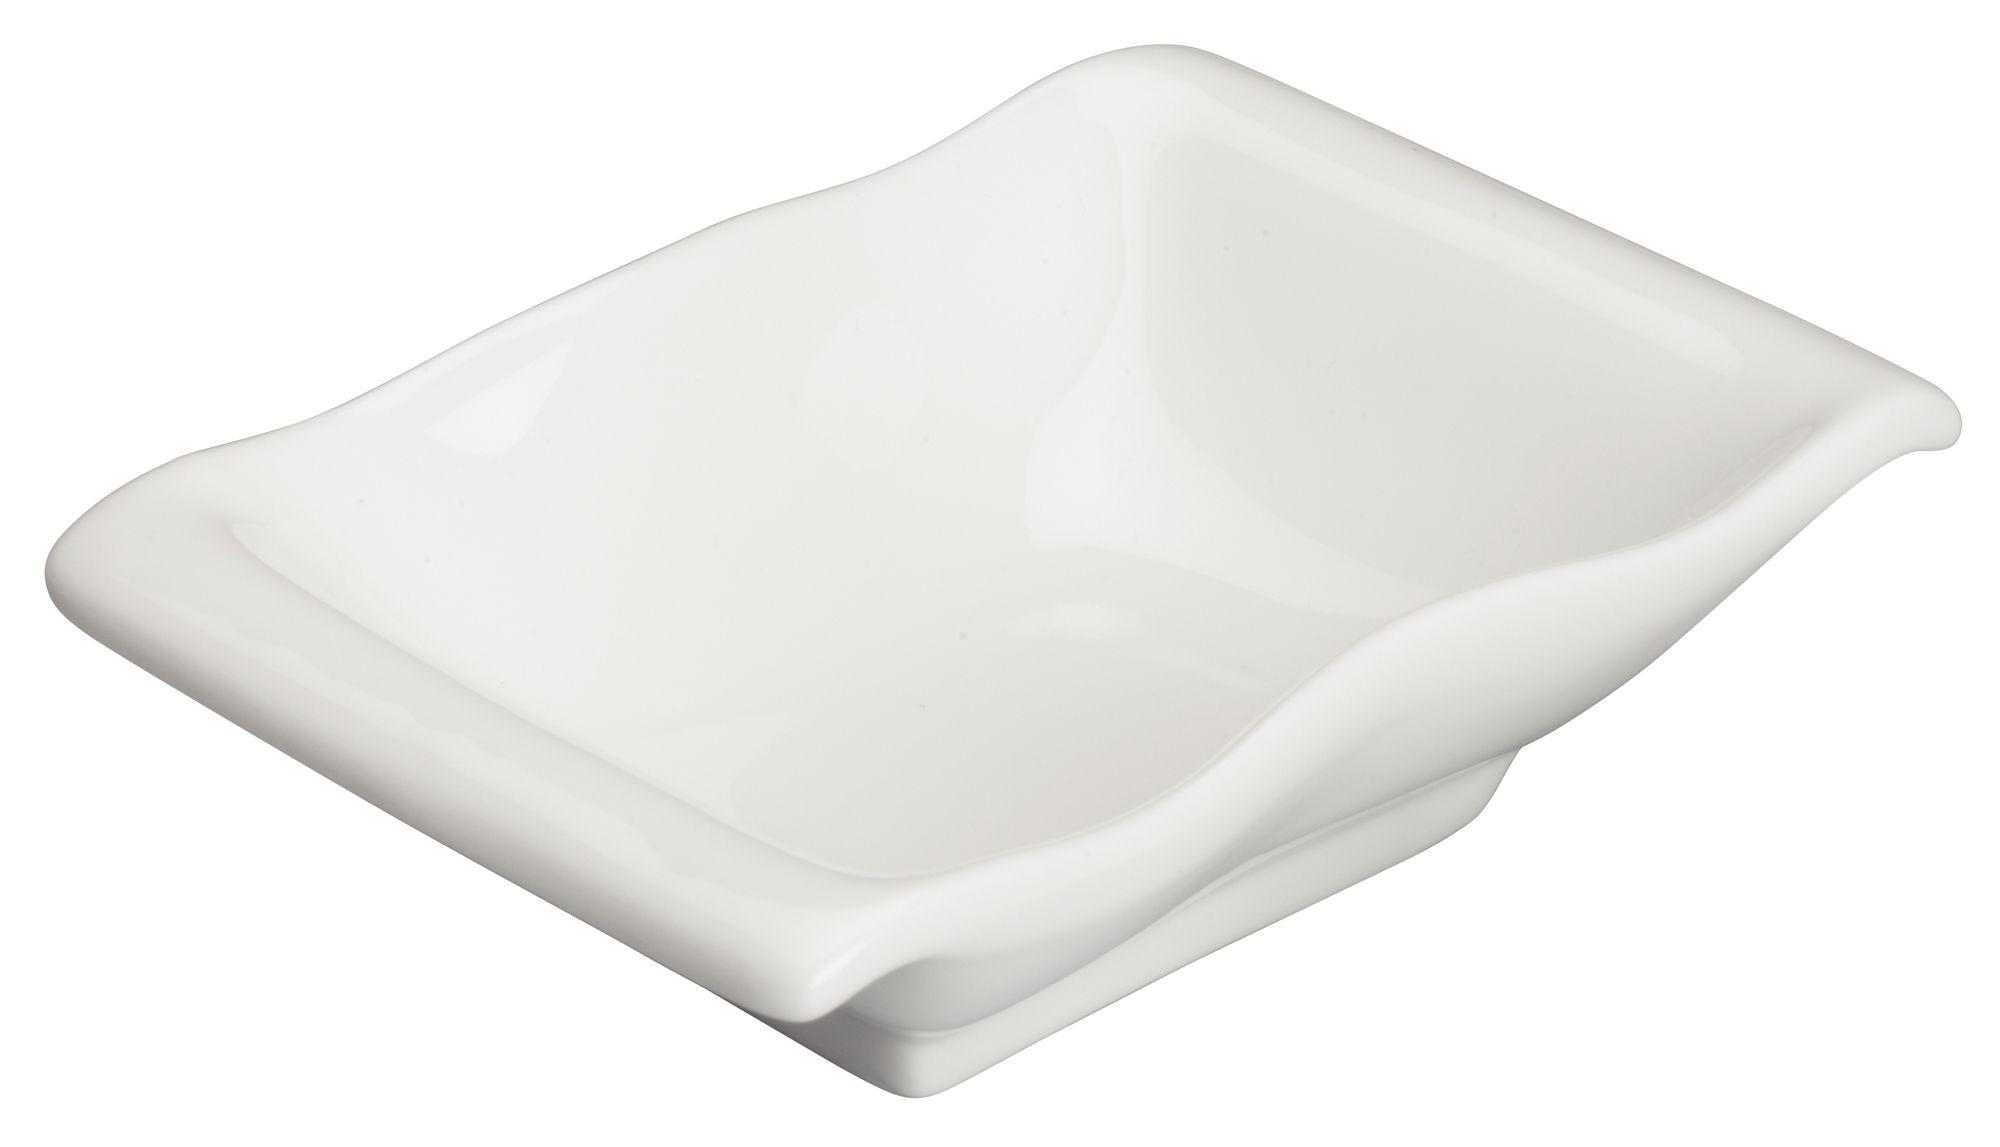 """Winco WDP021-107 Mescalore Porcelain Bright White Dish 5-1/4"""" x 3-7/8"""""""